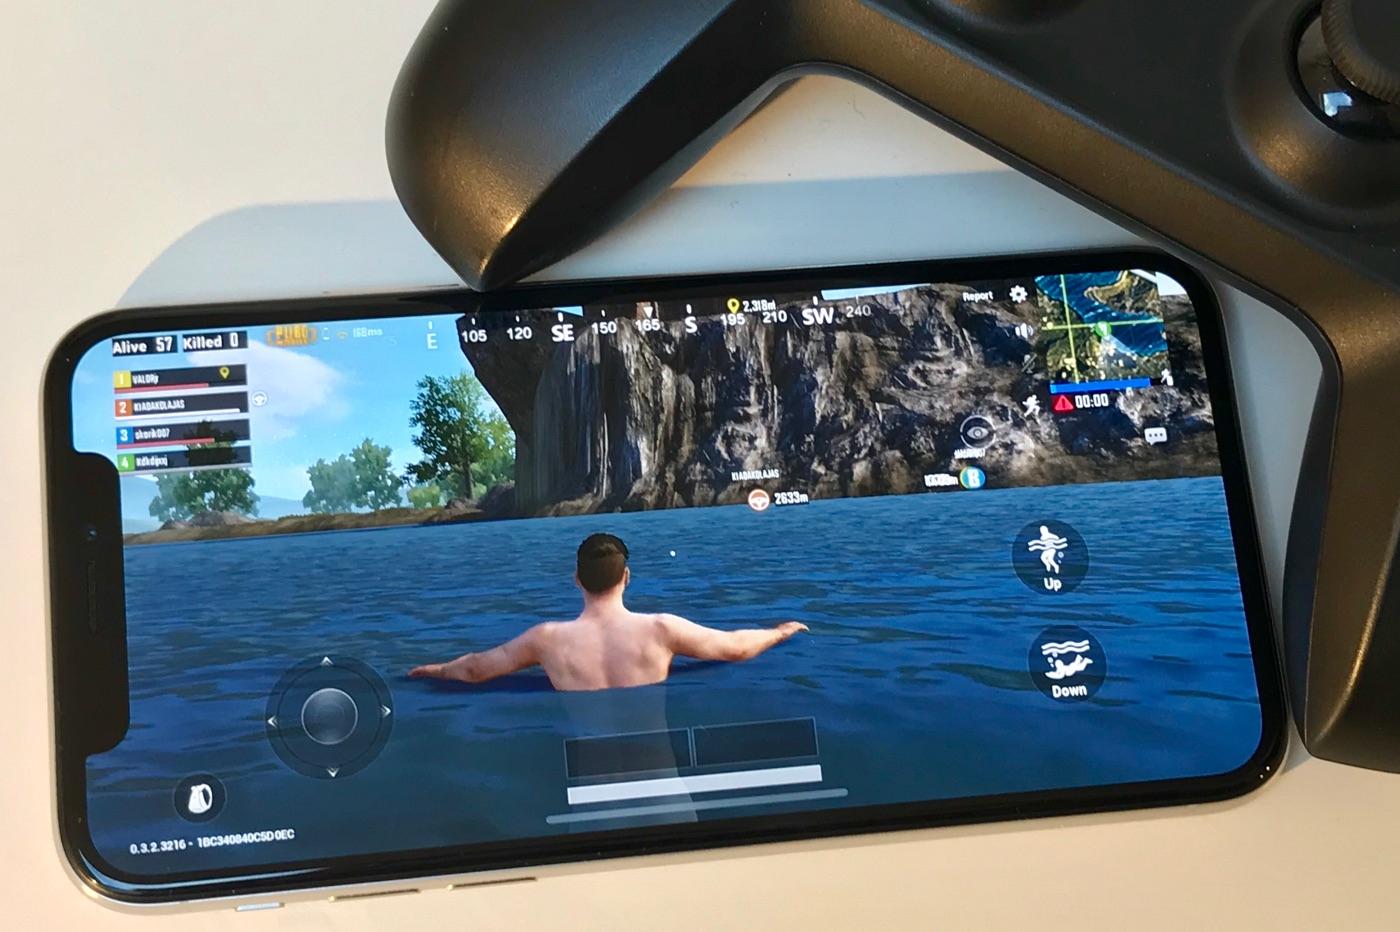 Les Meilleurs Jeux Iphone Et Ipad 2018 Par Iphon.fr tout Jeux Gratuit Sur Tablette Sans Telechargement